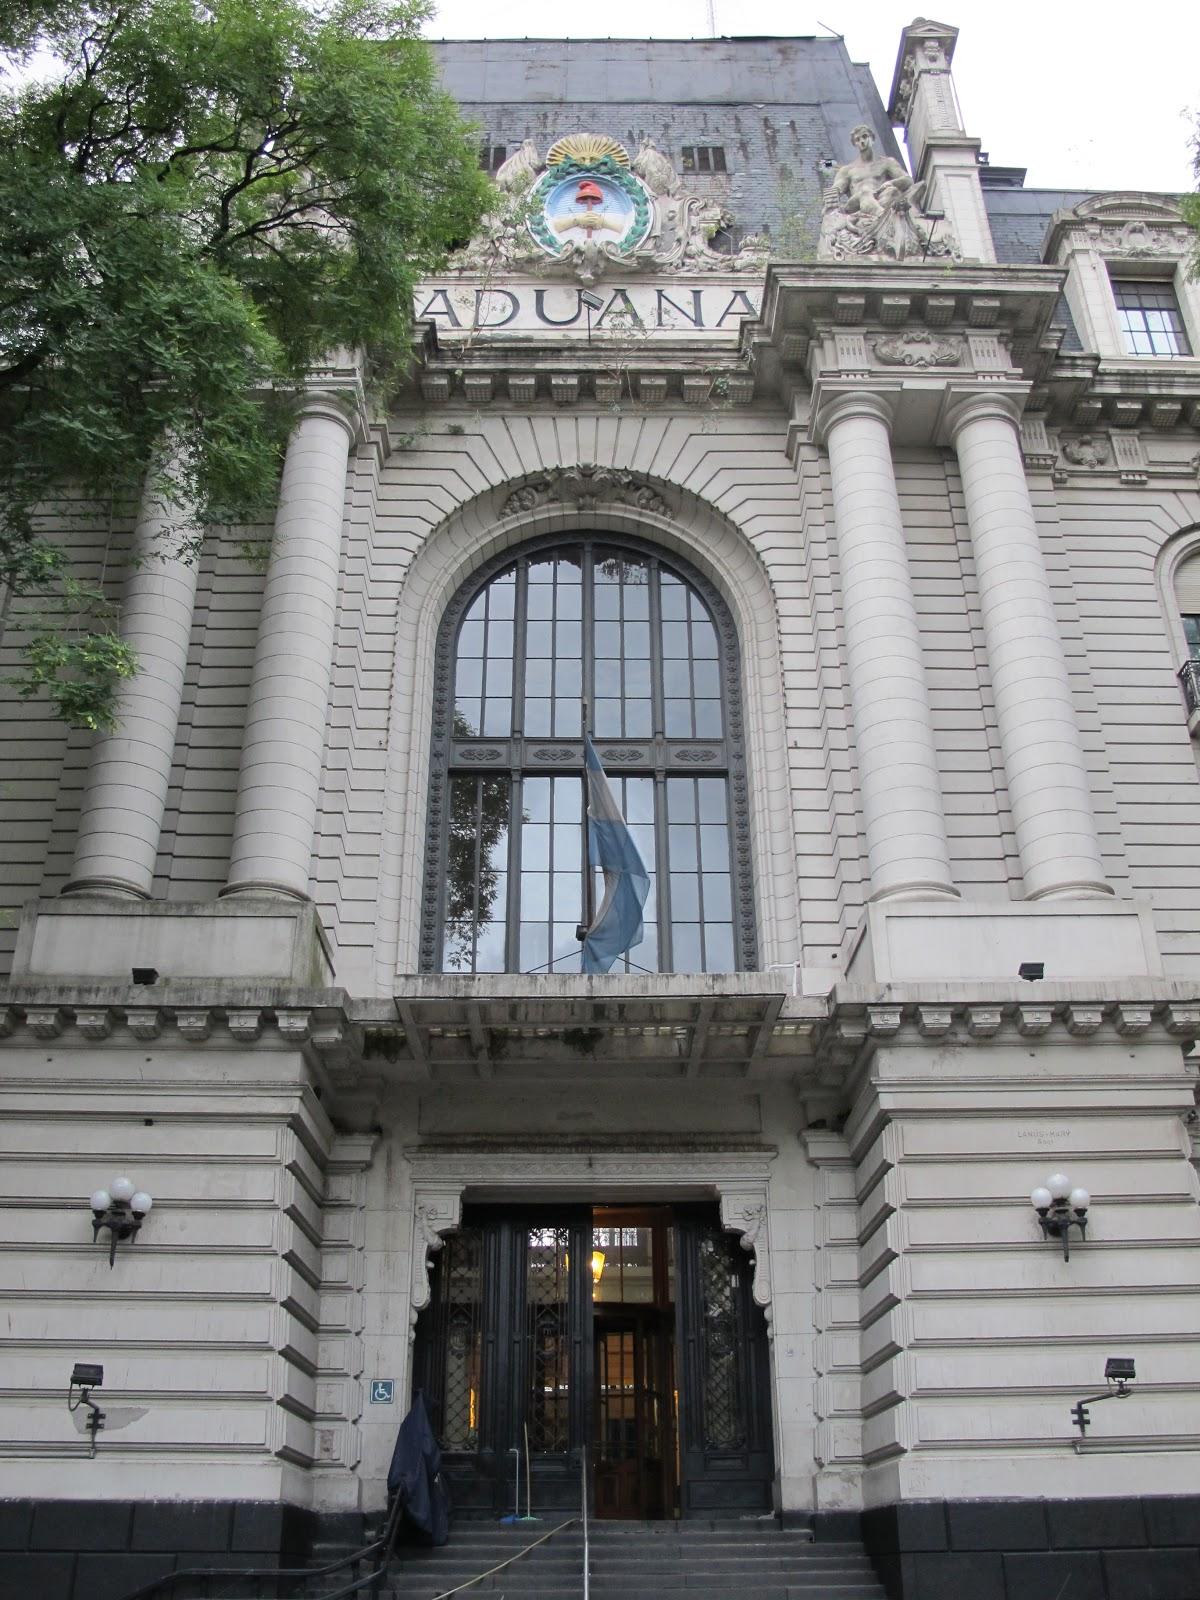 Edificios y Monumentos de Buenos Aires: Aduana de Buenos Aires